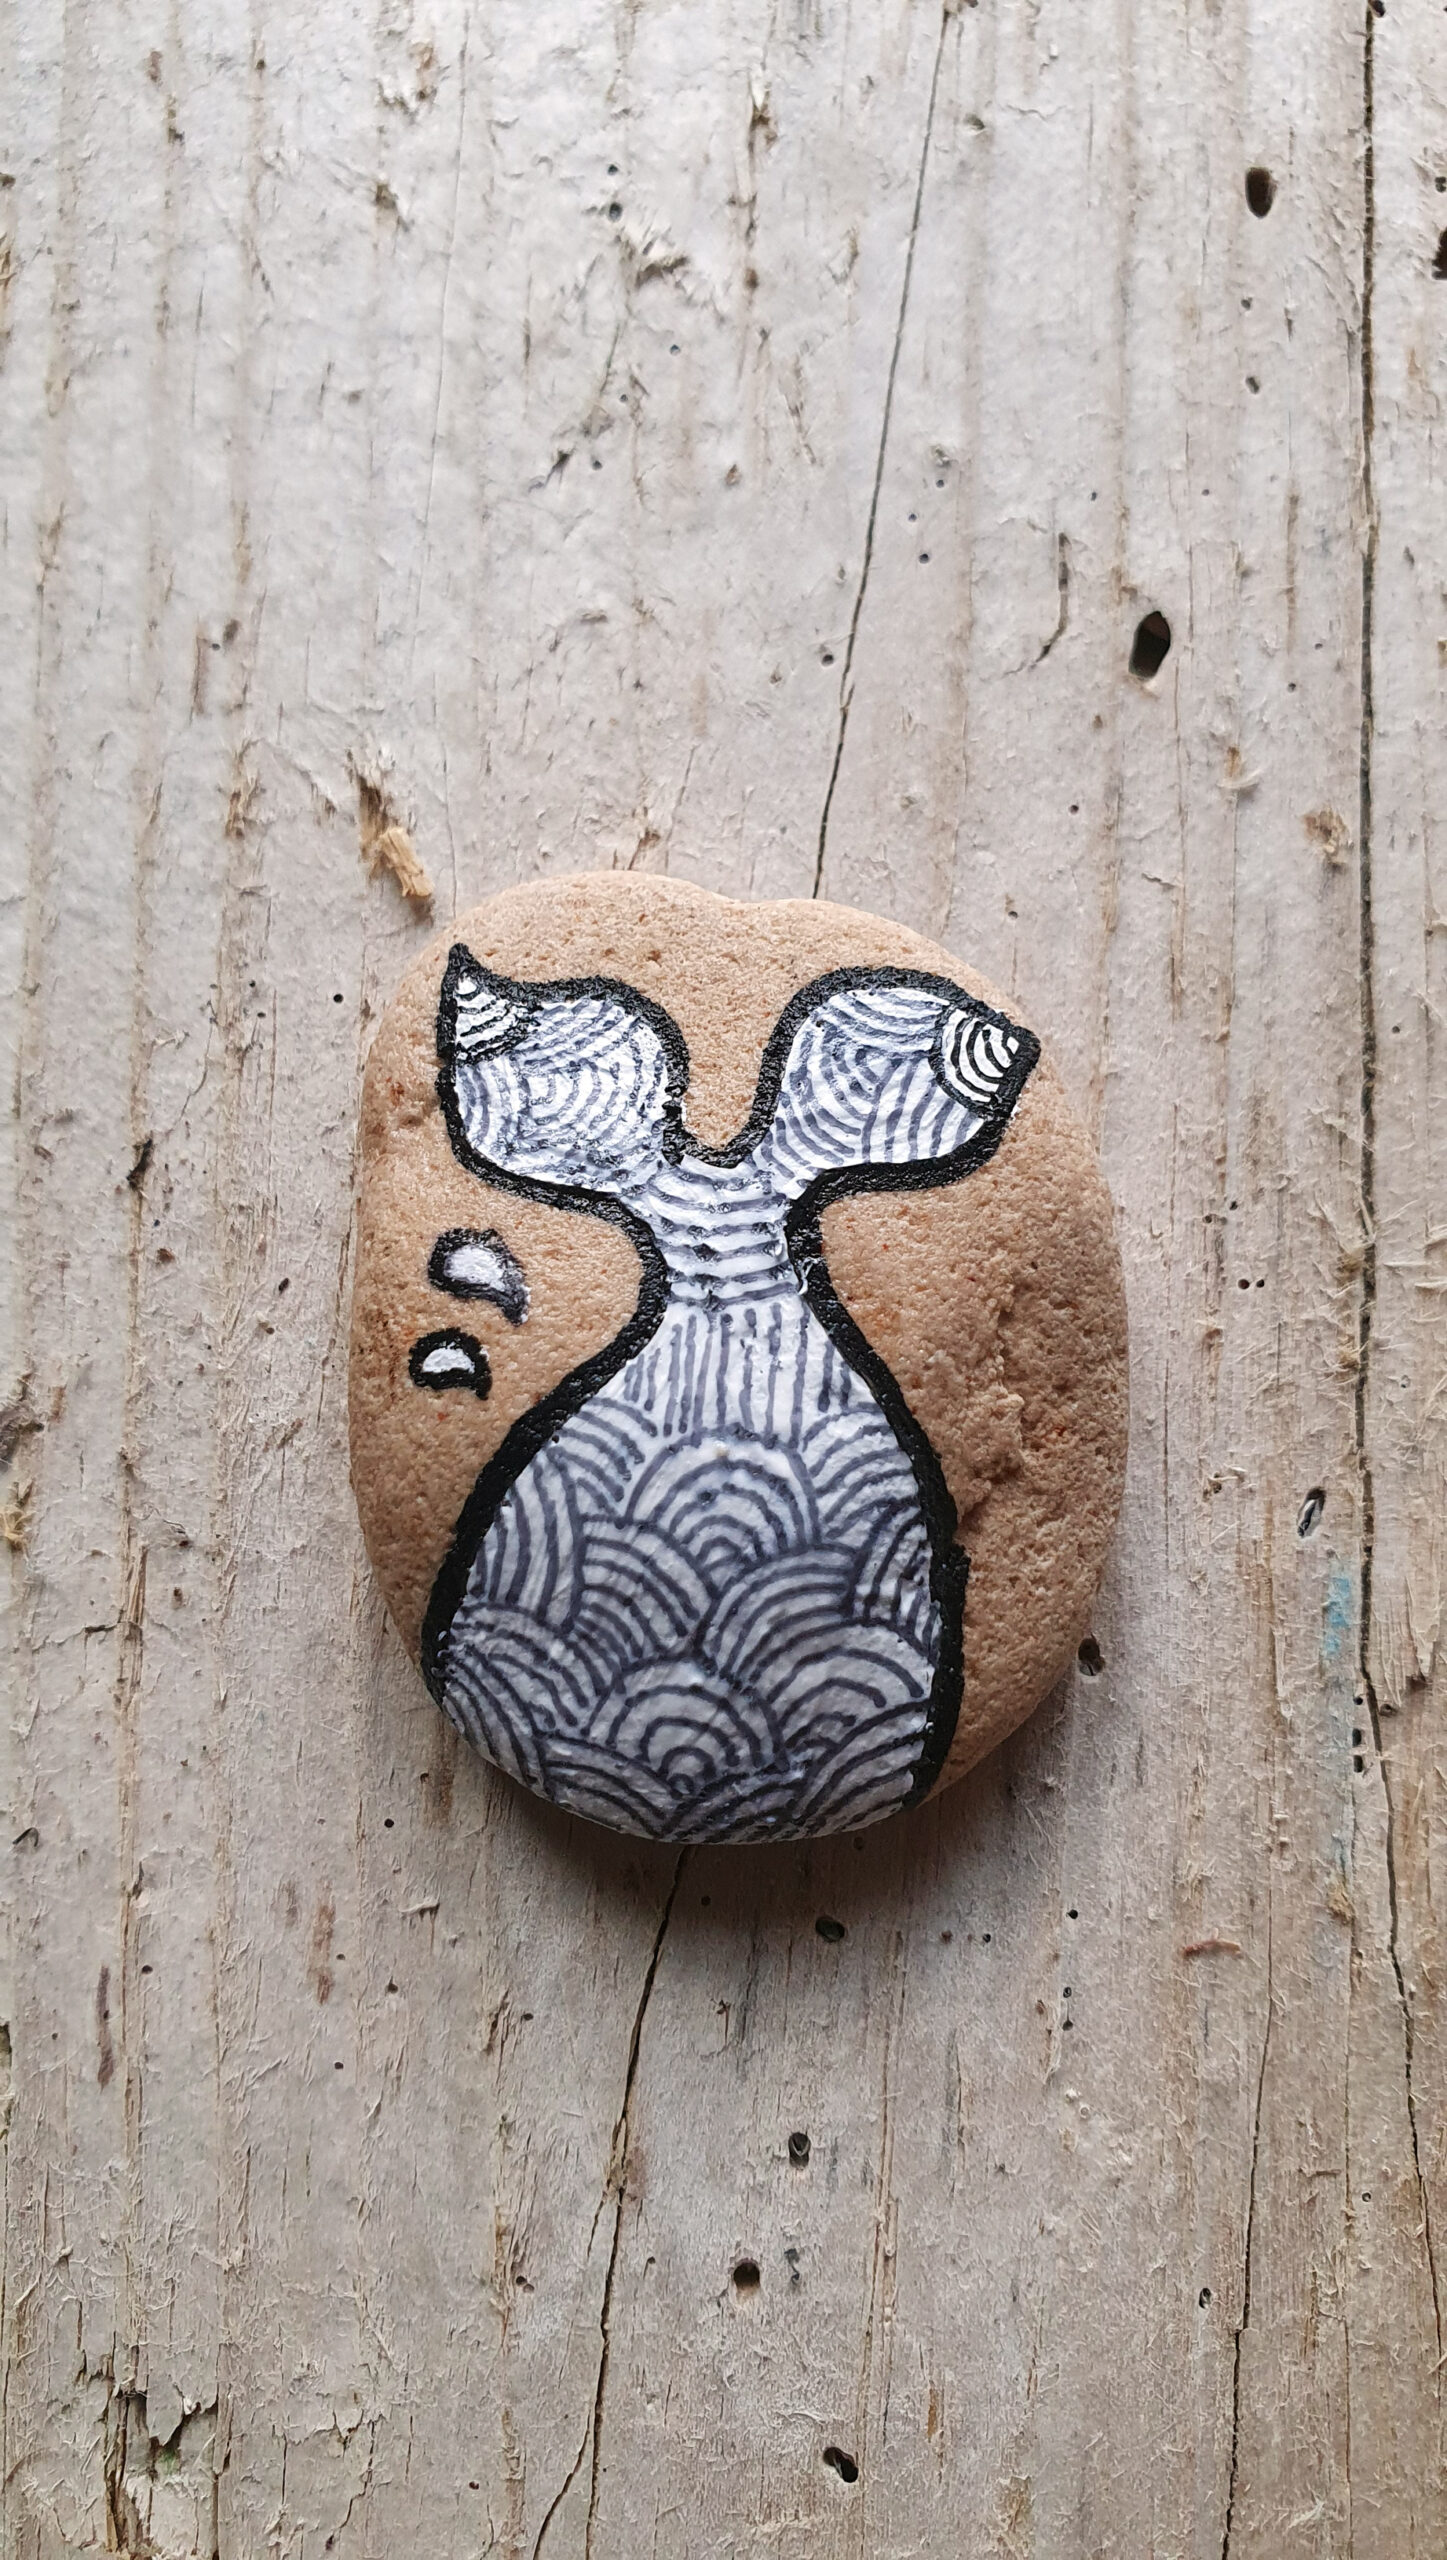 Sedimentstein mit Fischflosse, stone design by Calla Hueppe, Claudie Hamburg, Gezeiten-Hölzer